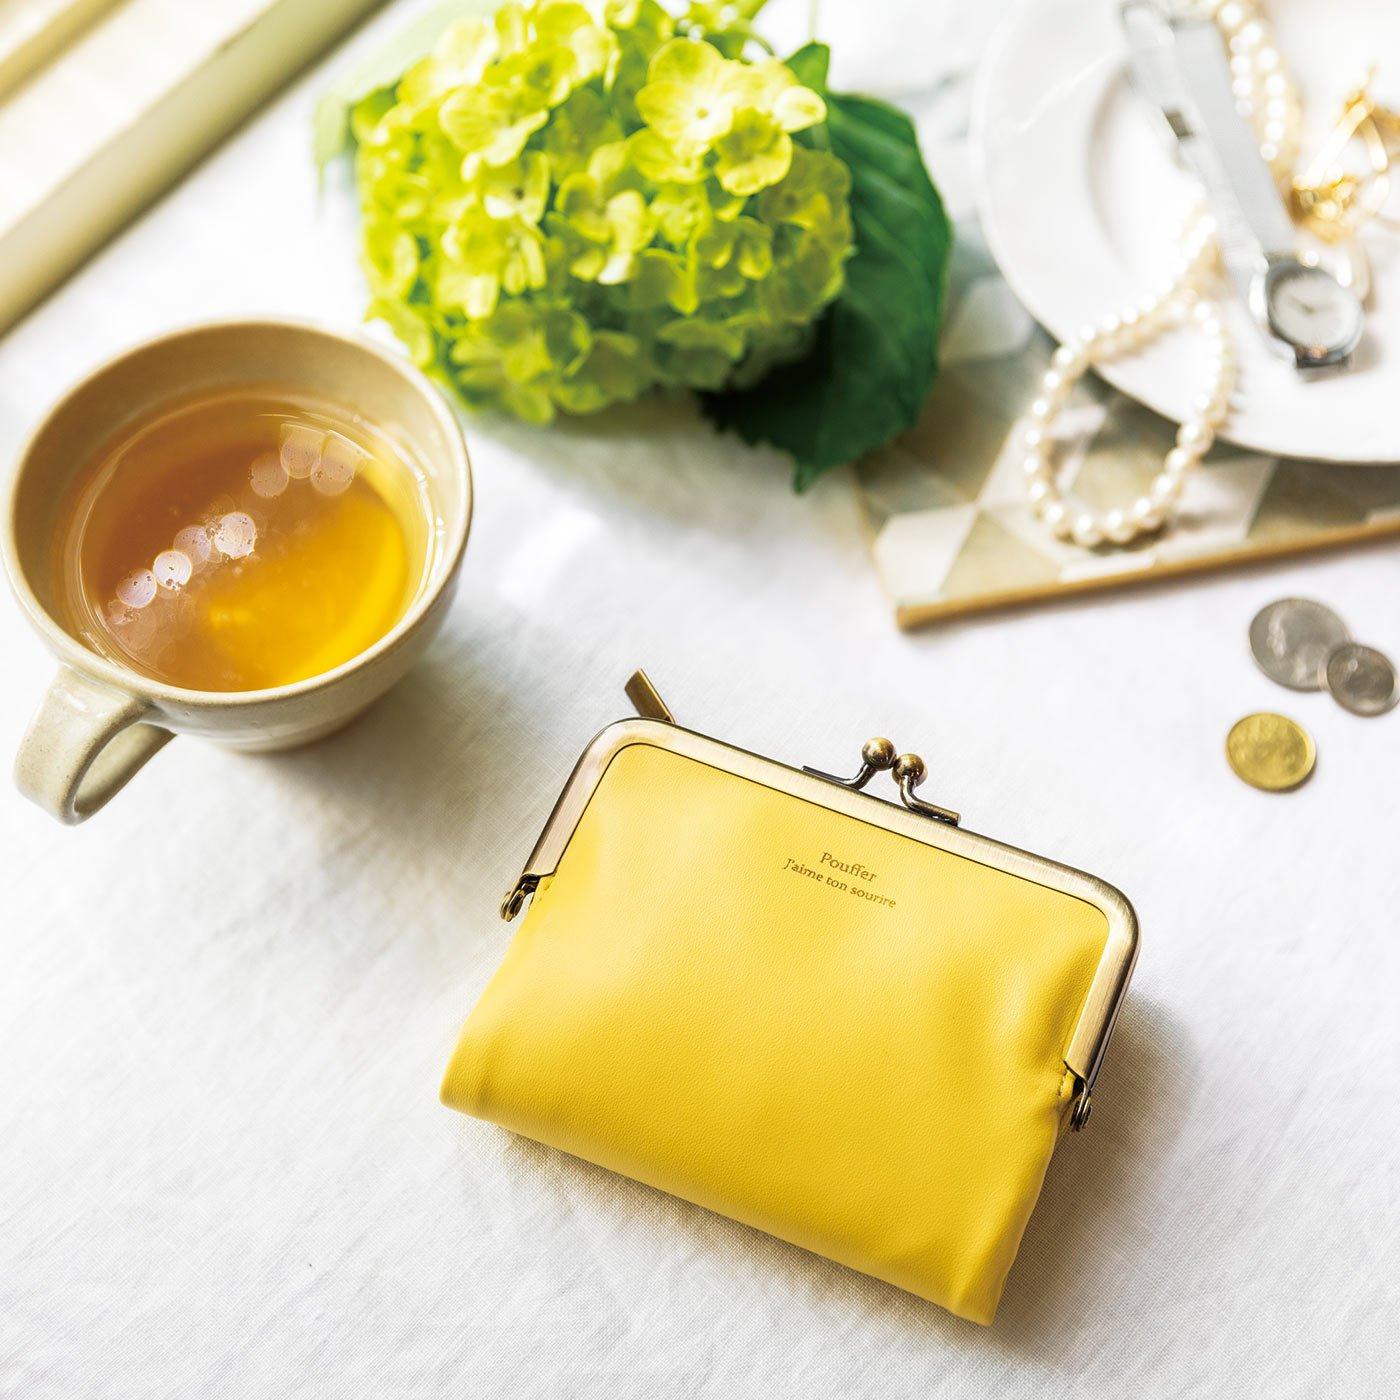 がま口とL字ファスナーが魅力 しあわせたんぽぽ色の手のり財布